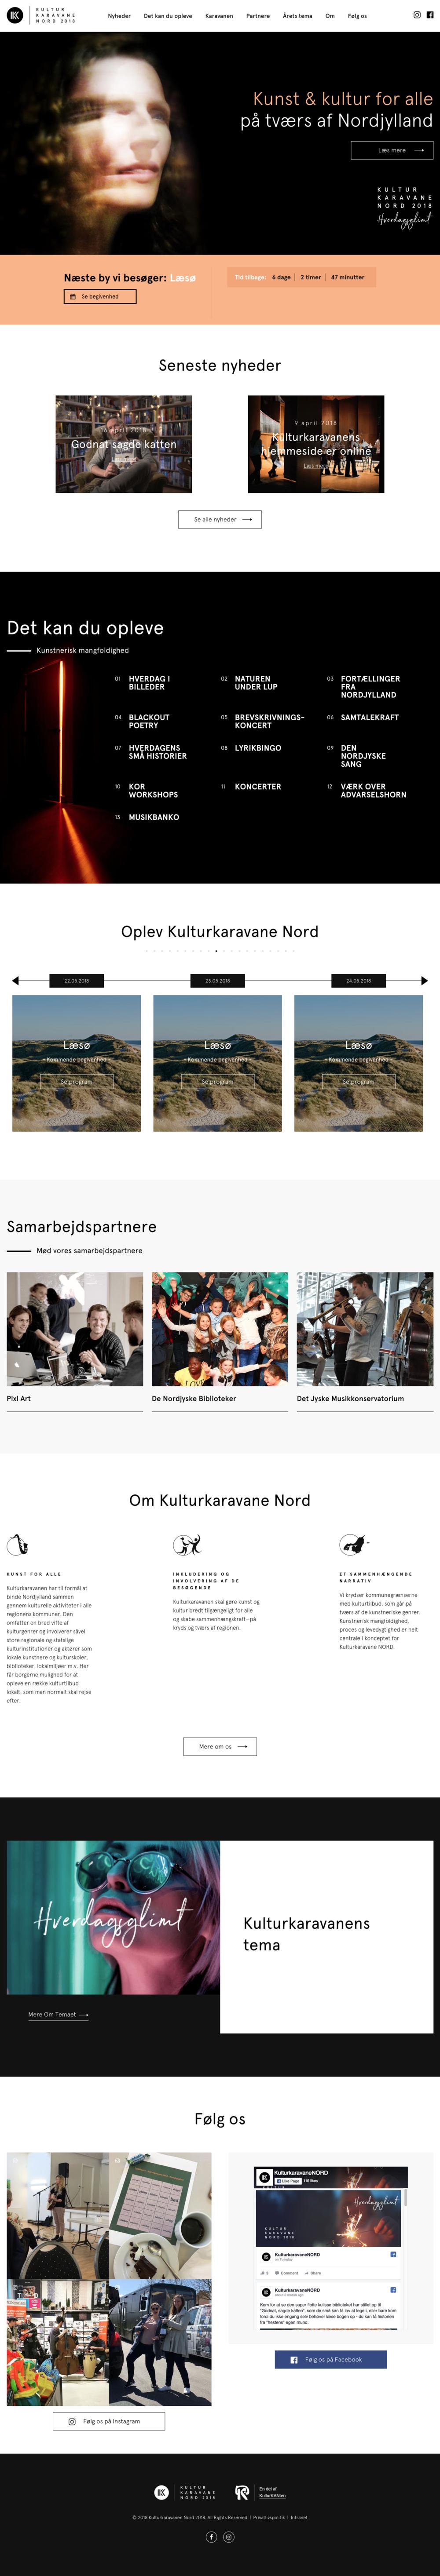 screencapture-kulturkaravane-dk-2018-05-16-12_42_31.png